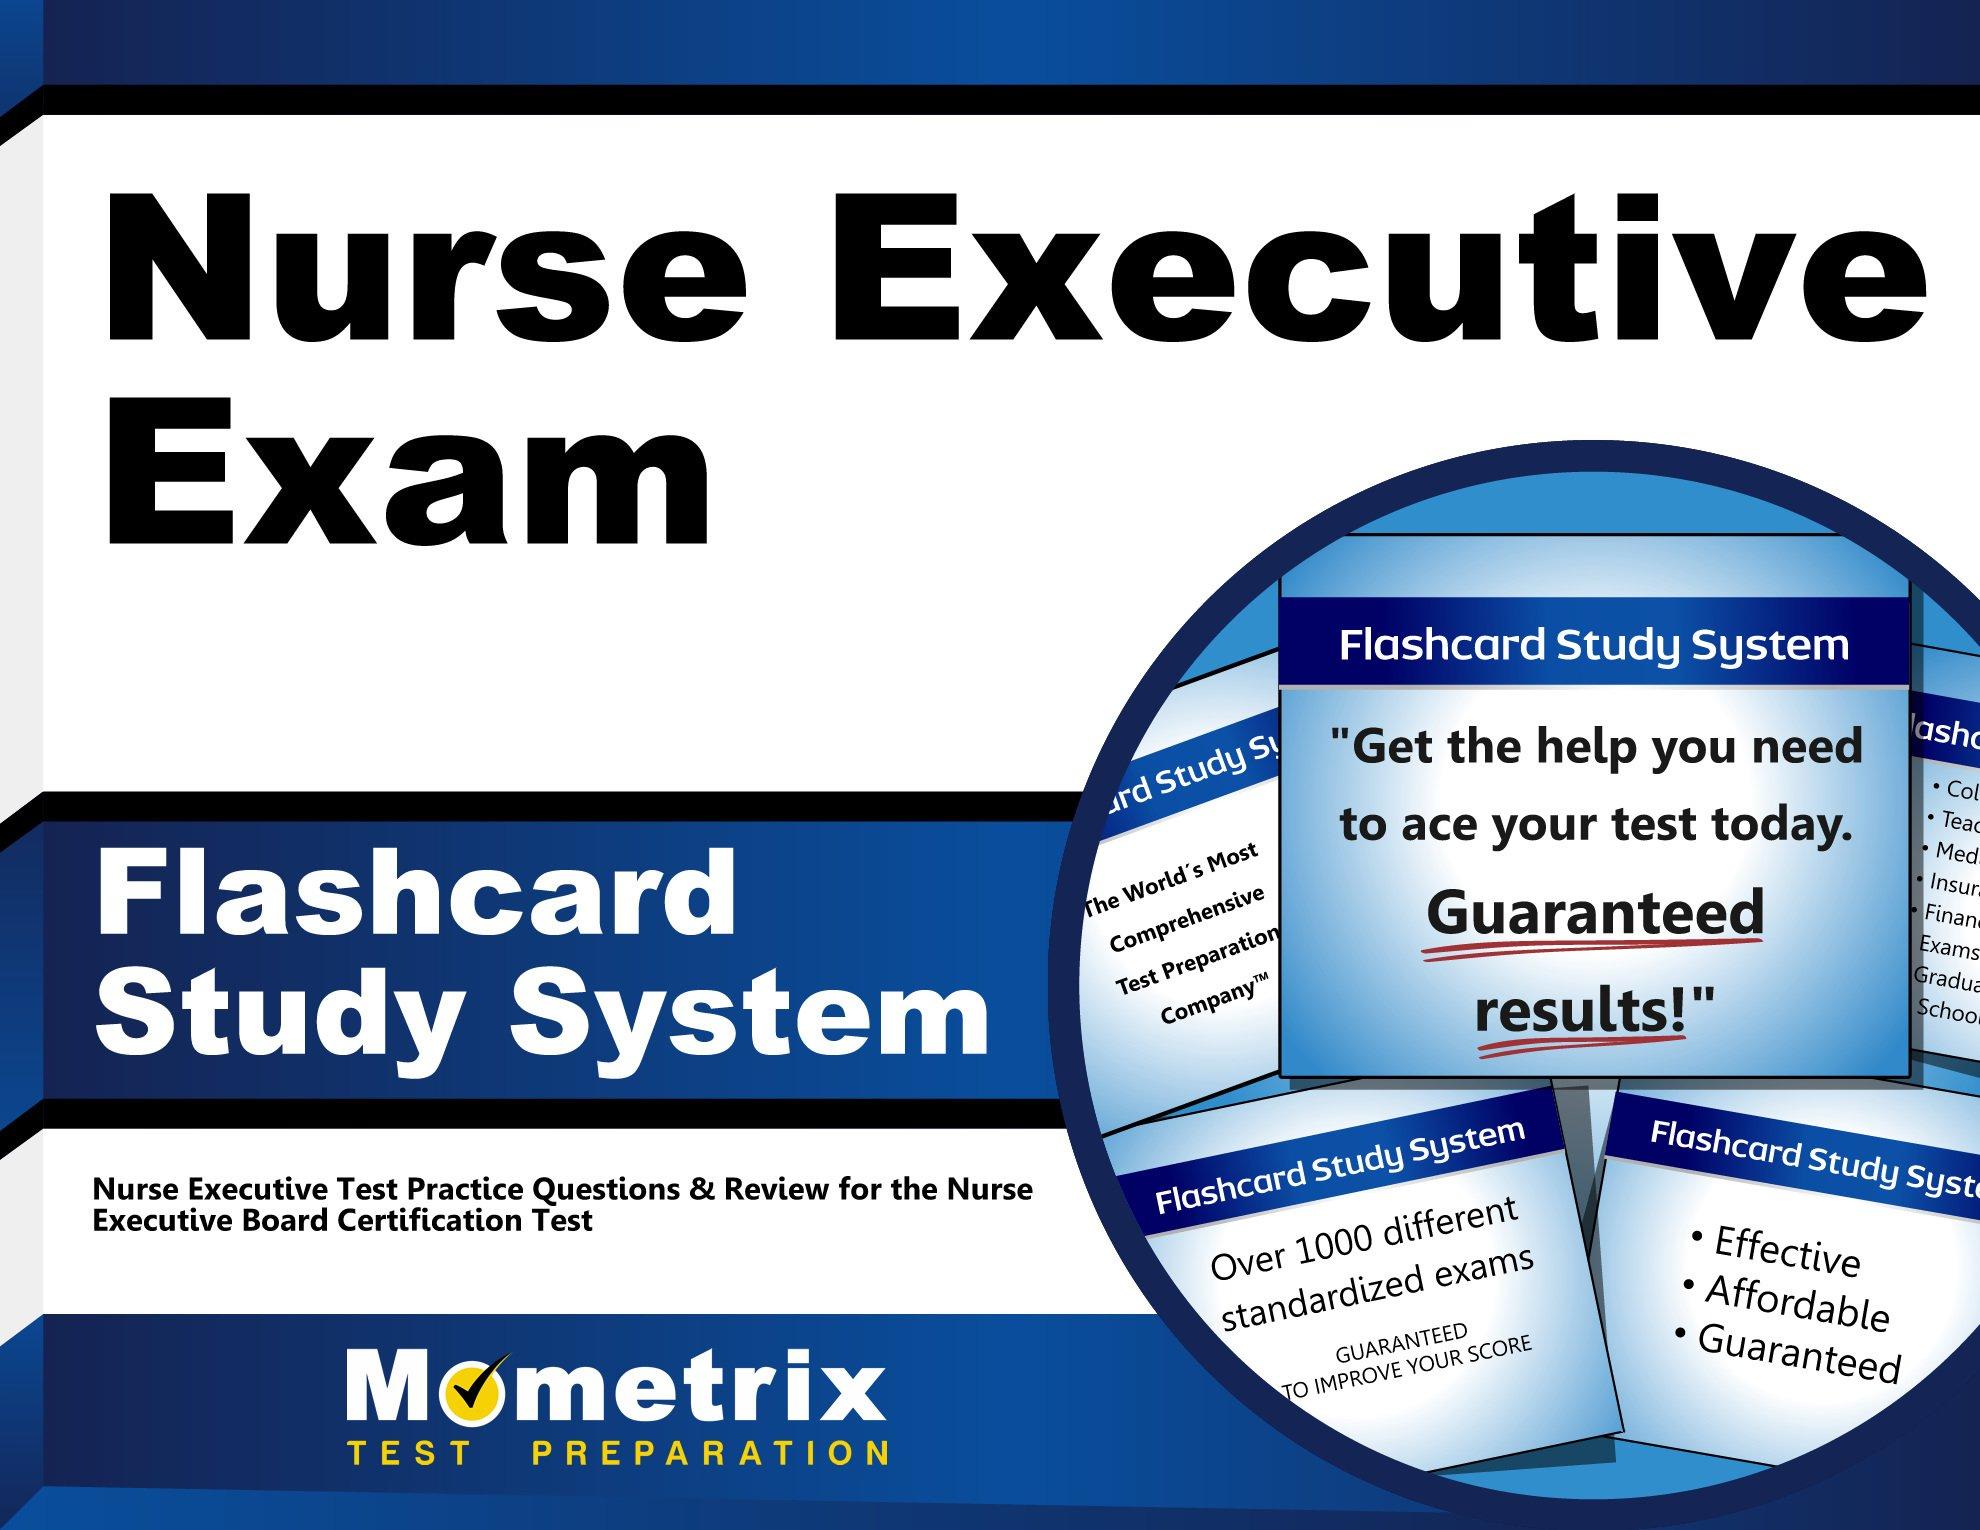 Nurse Executive Flashcard Study System product image